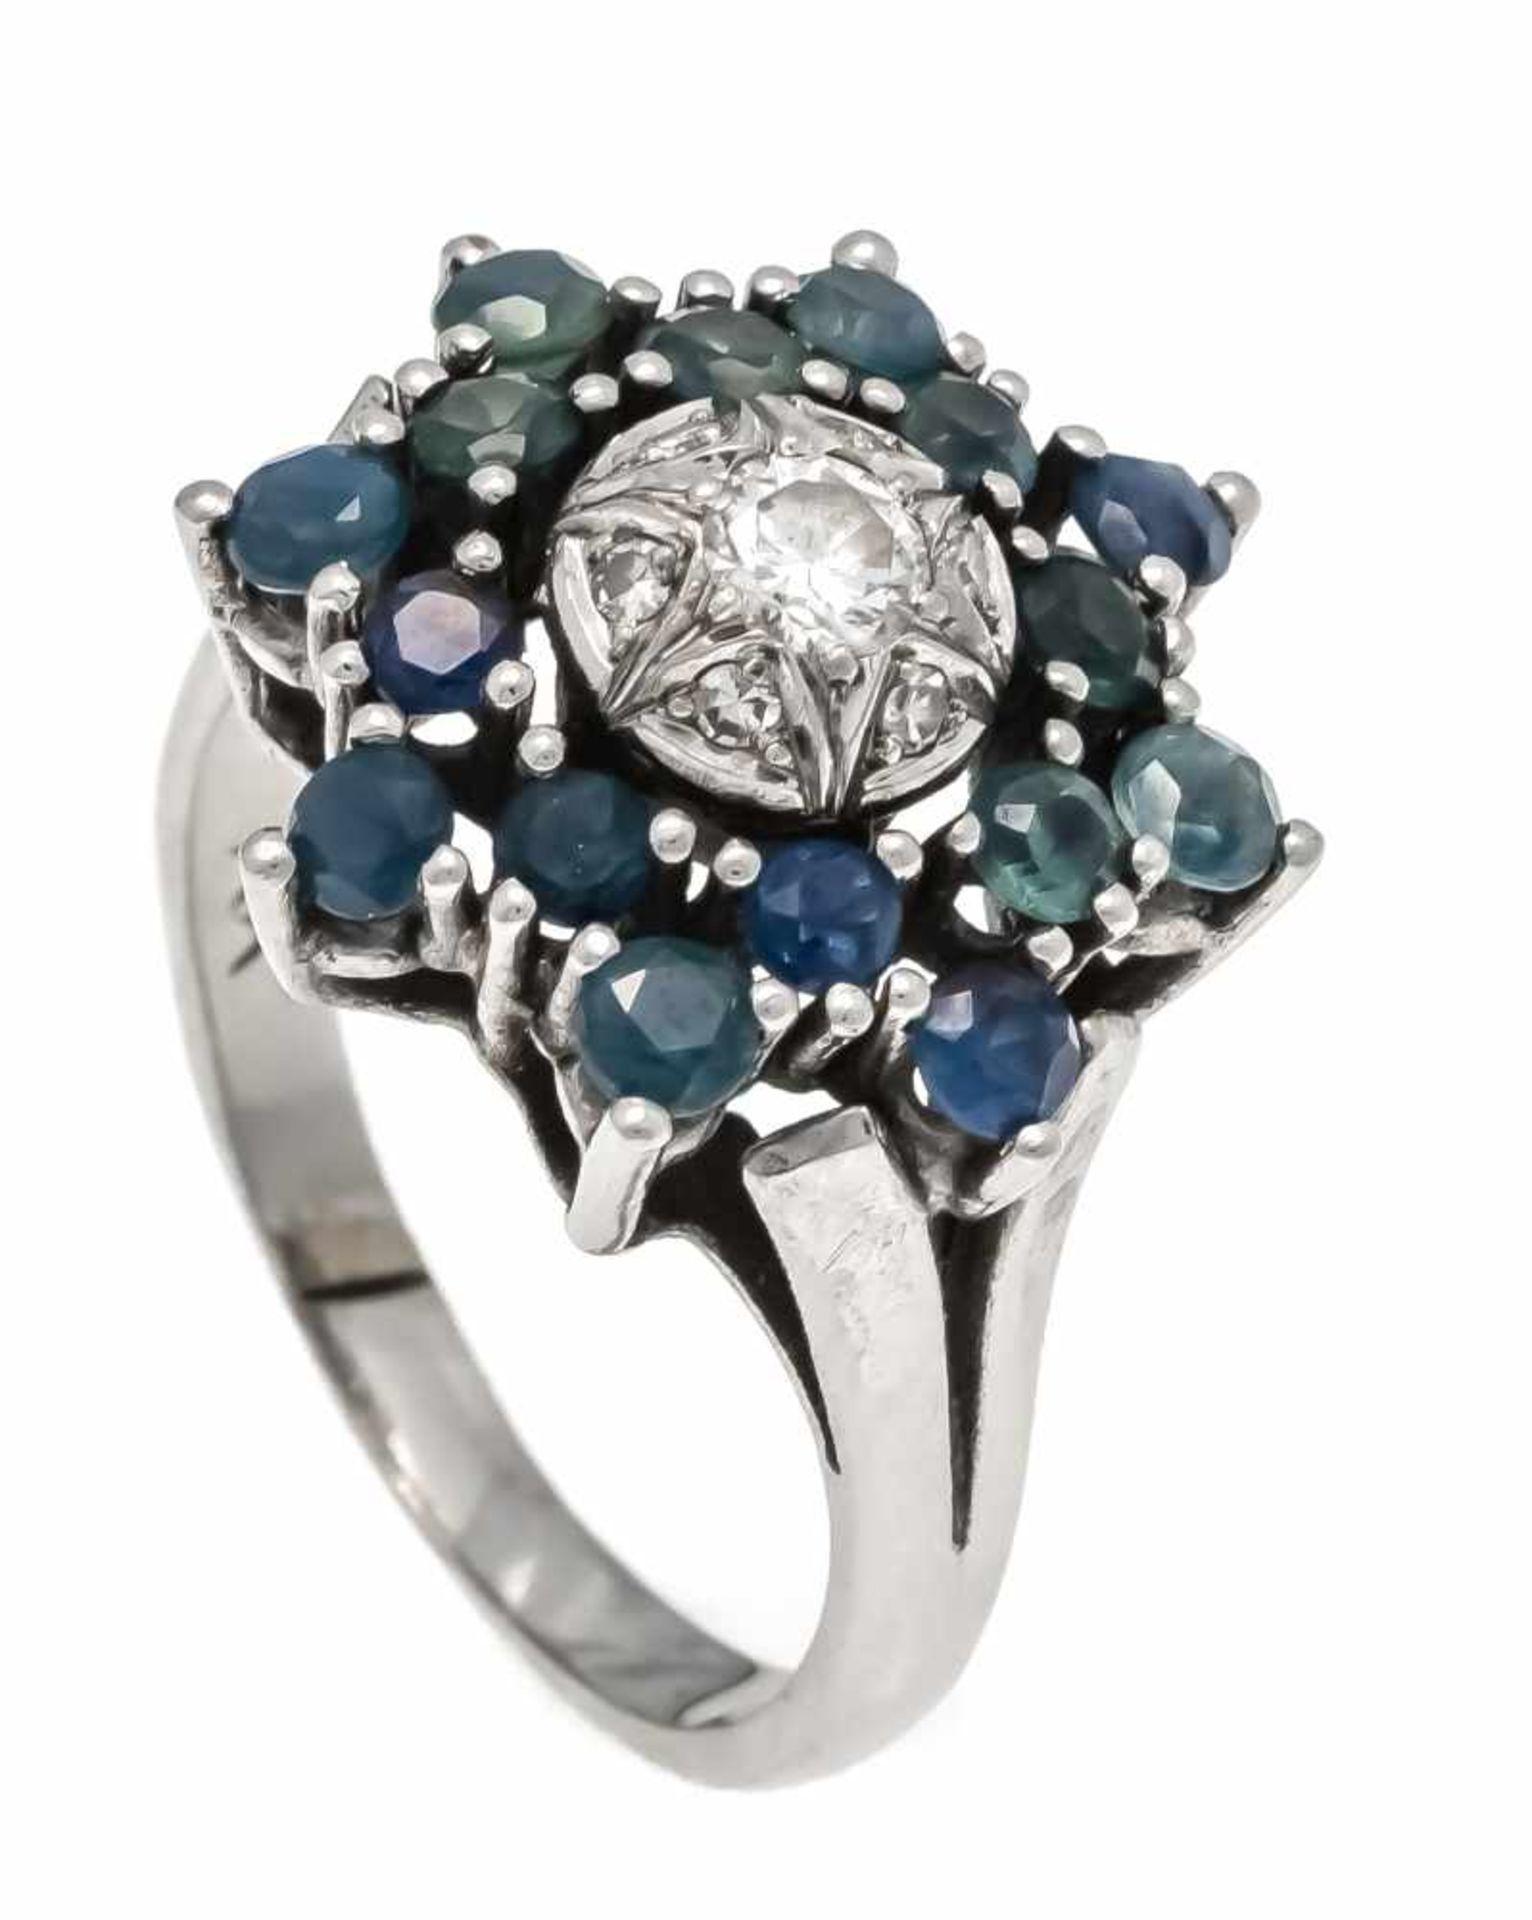 Saphir-Brillant-Ring WG 585/000 mit 16 rund fac. Saphiren 2,5 mm und einem Brillanten W/VS, RG 55,